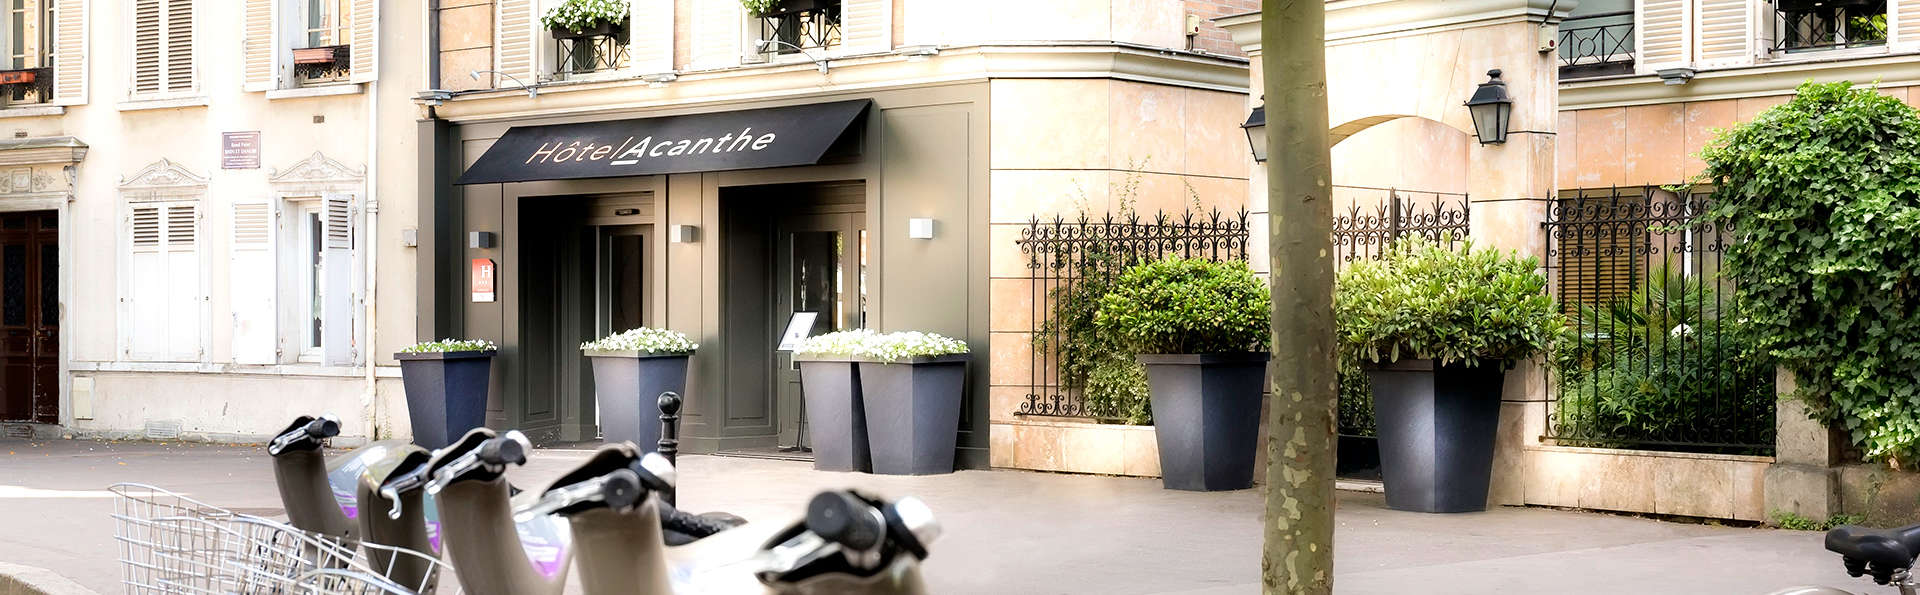 Hôtel Acanthe - Edit_Front5.jpg